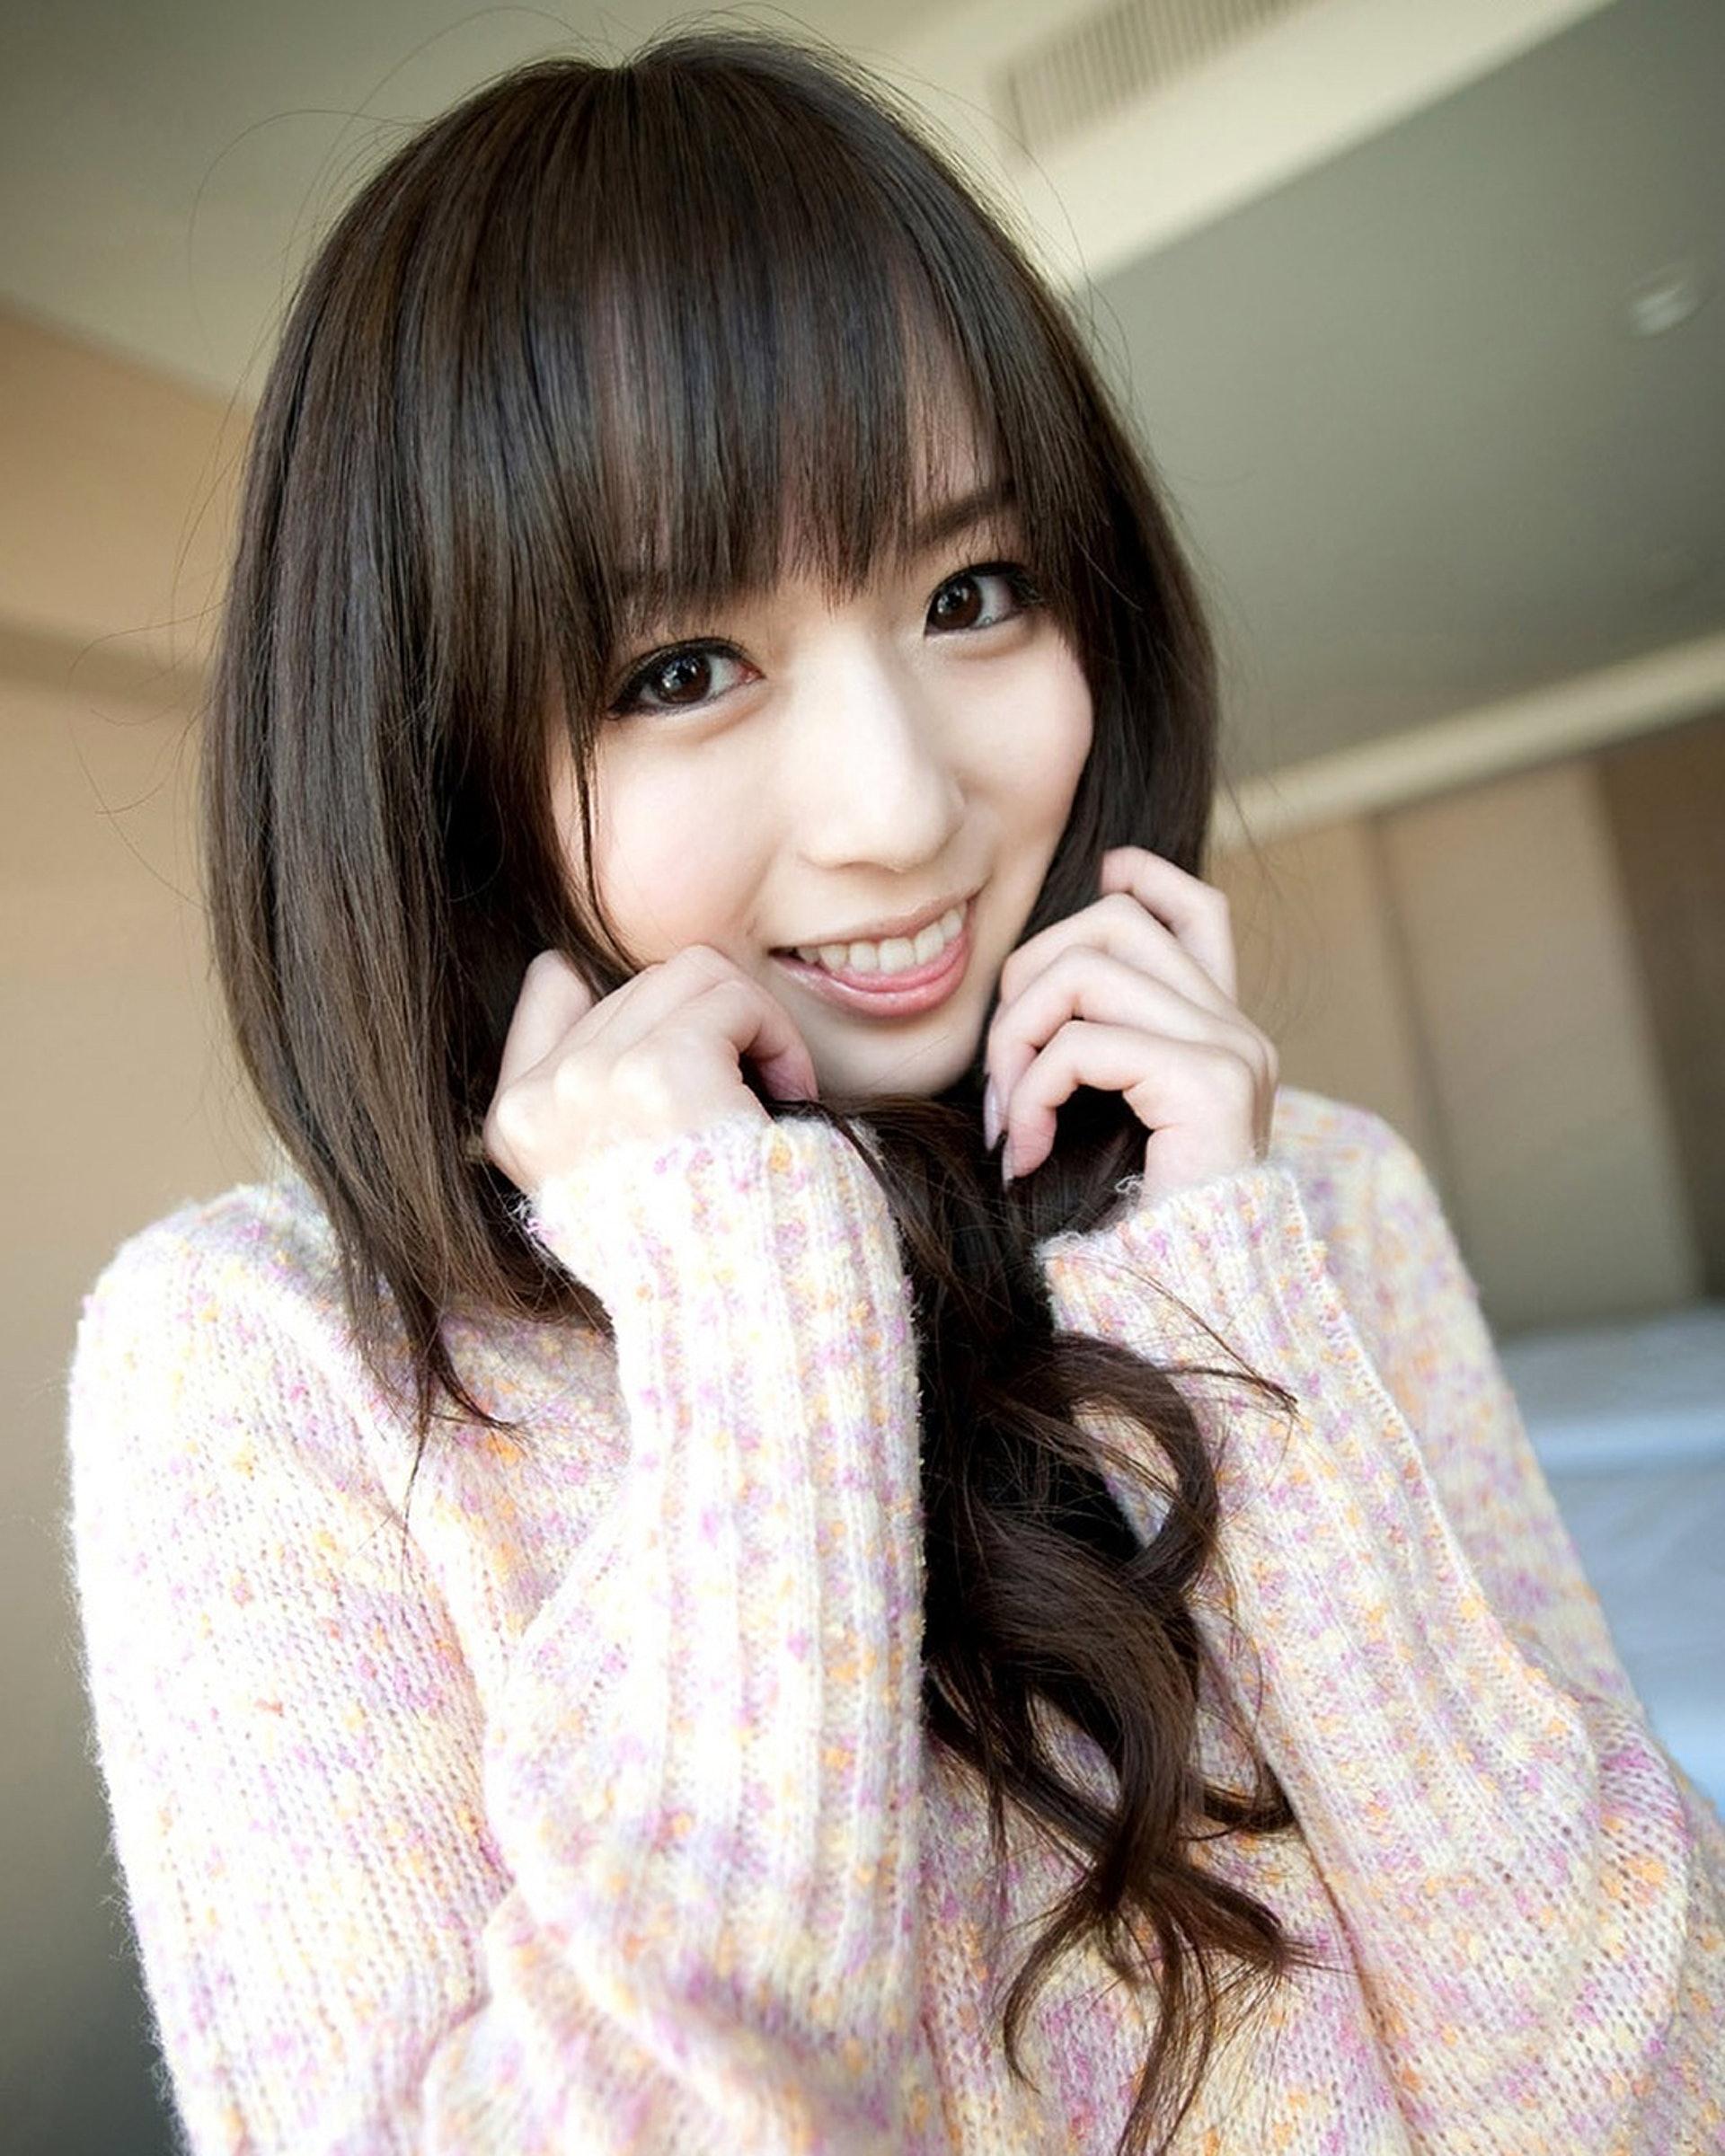 現年29歲的麻倉憂同樣都是可愛甜美風。(IG圖片)